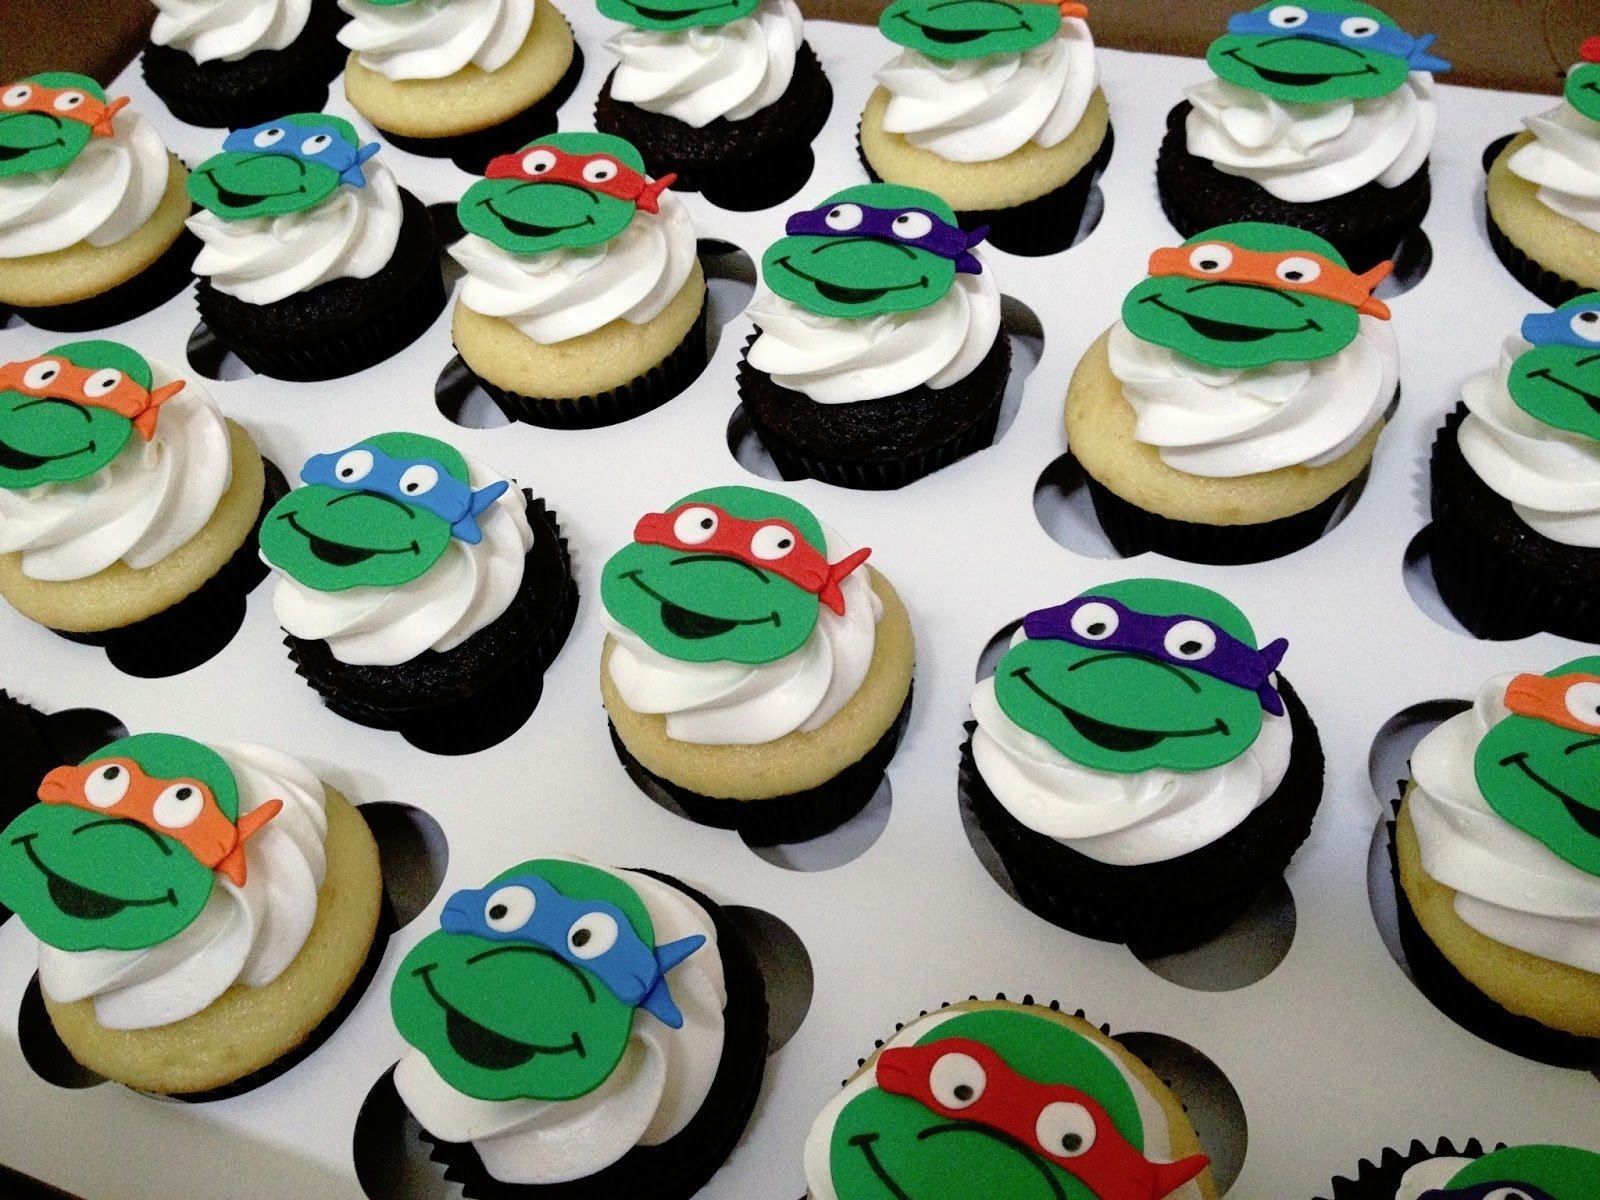 10 Attractive Teenage Mutant Ninja Turtles Cupcake Ideas 13 mutant ninja turtles cupcakes photo teenage mutant ninja turtle